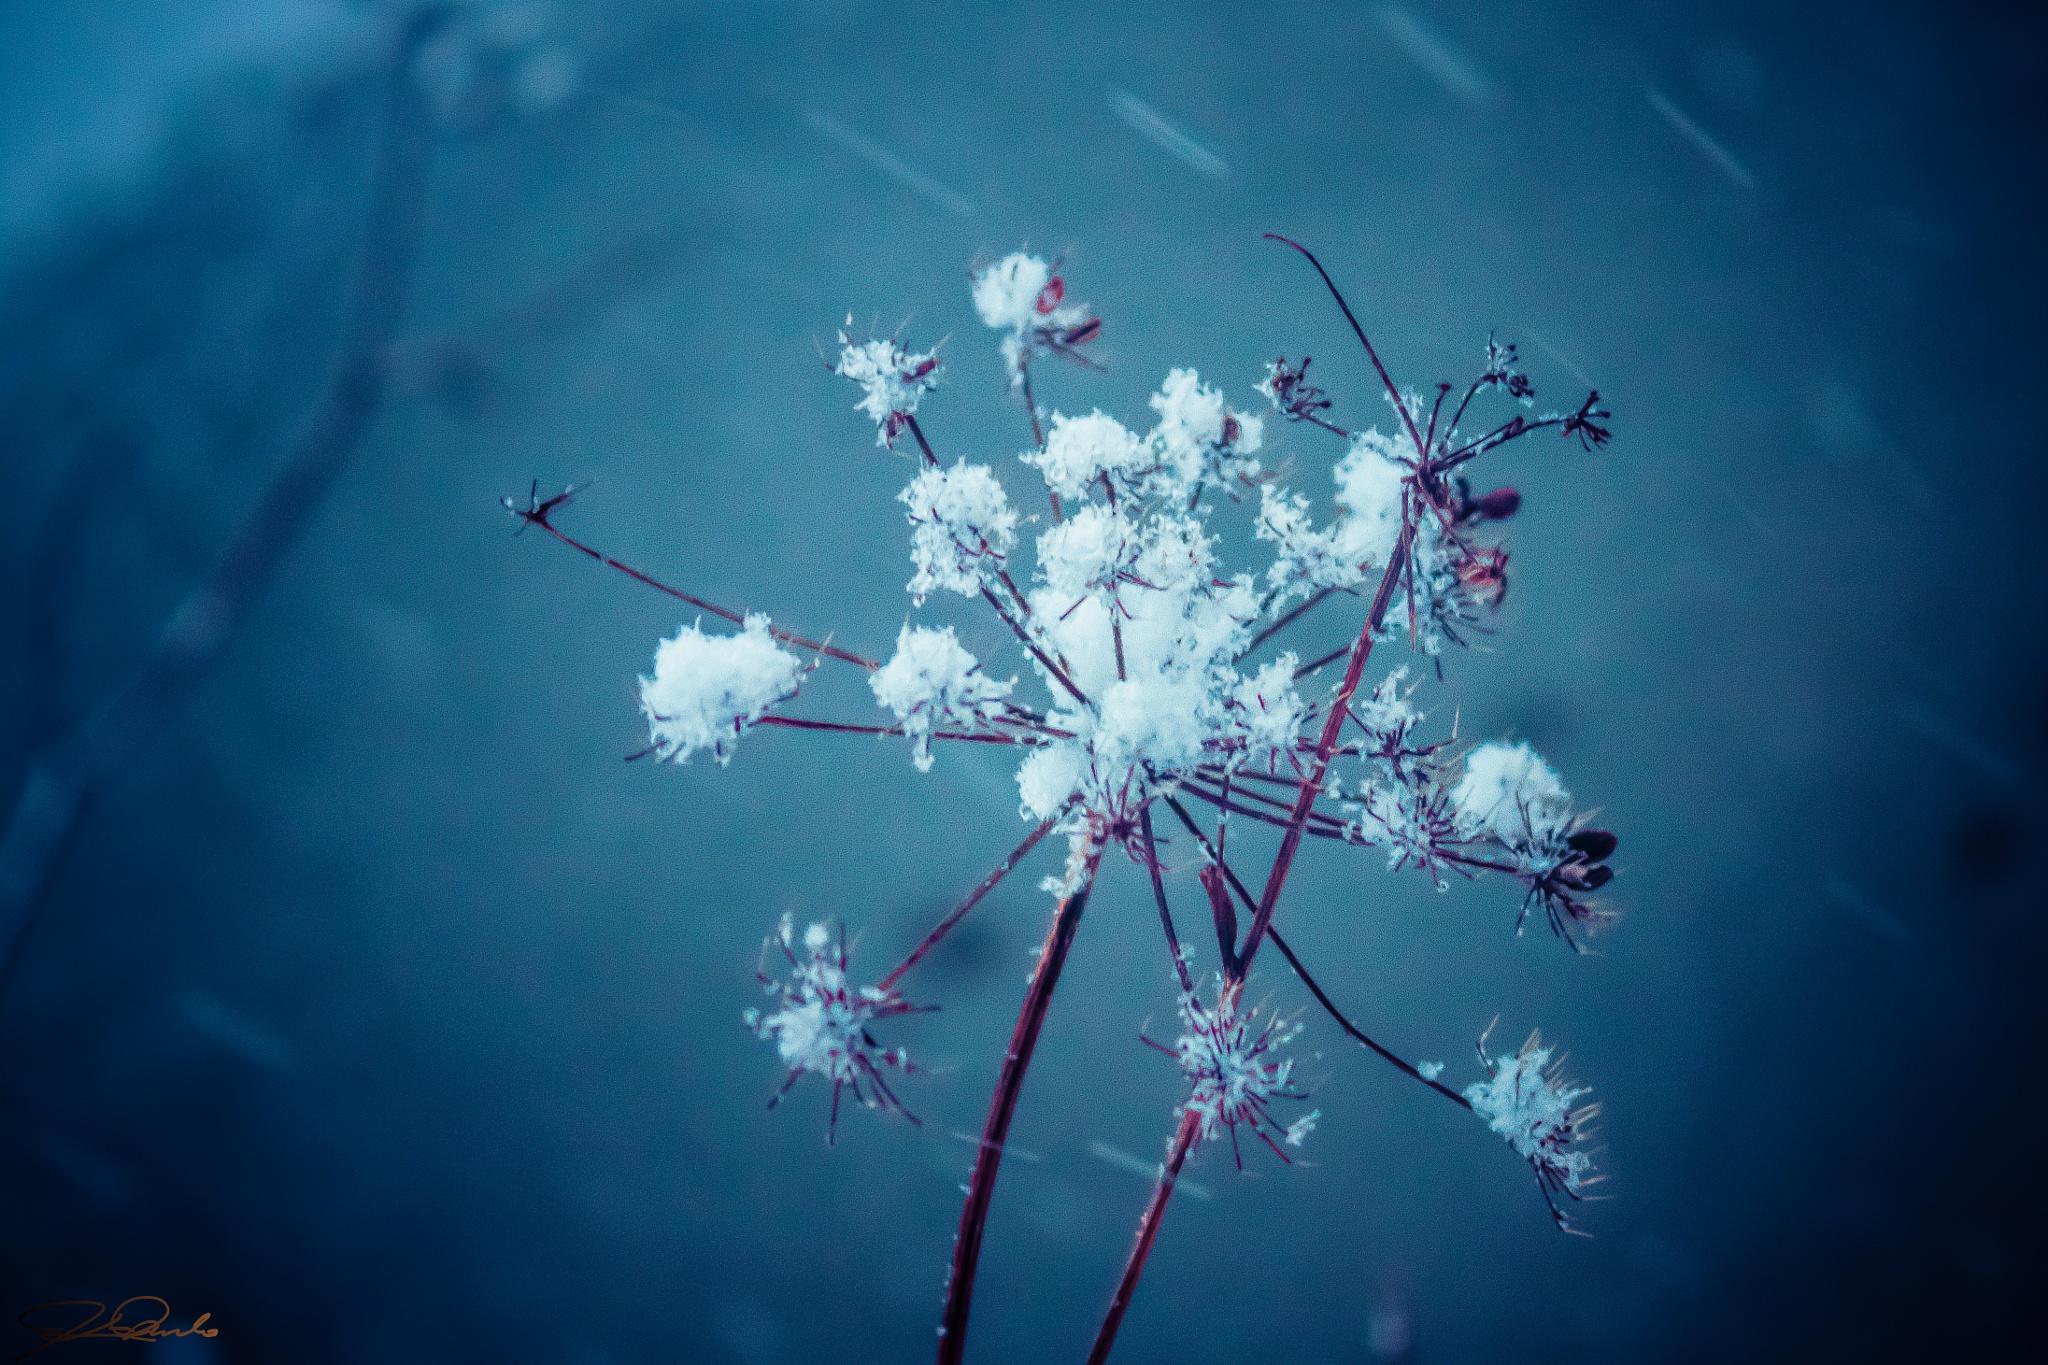 *Graced by Snow* by Kicka Terho